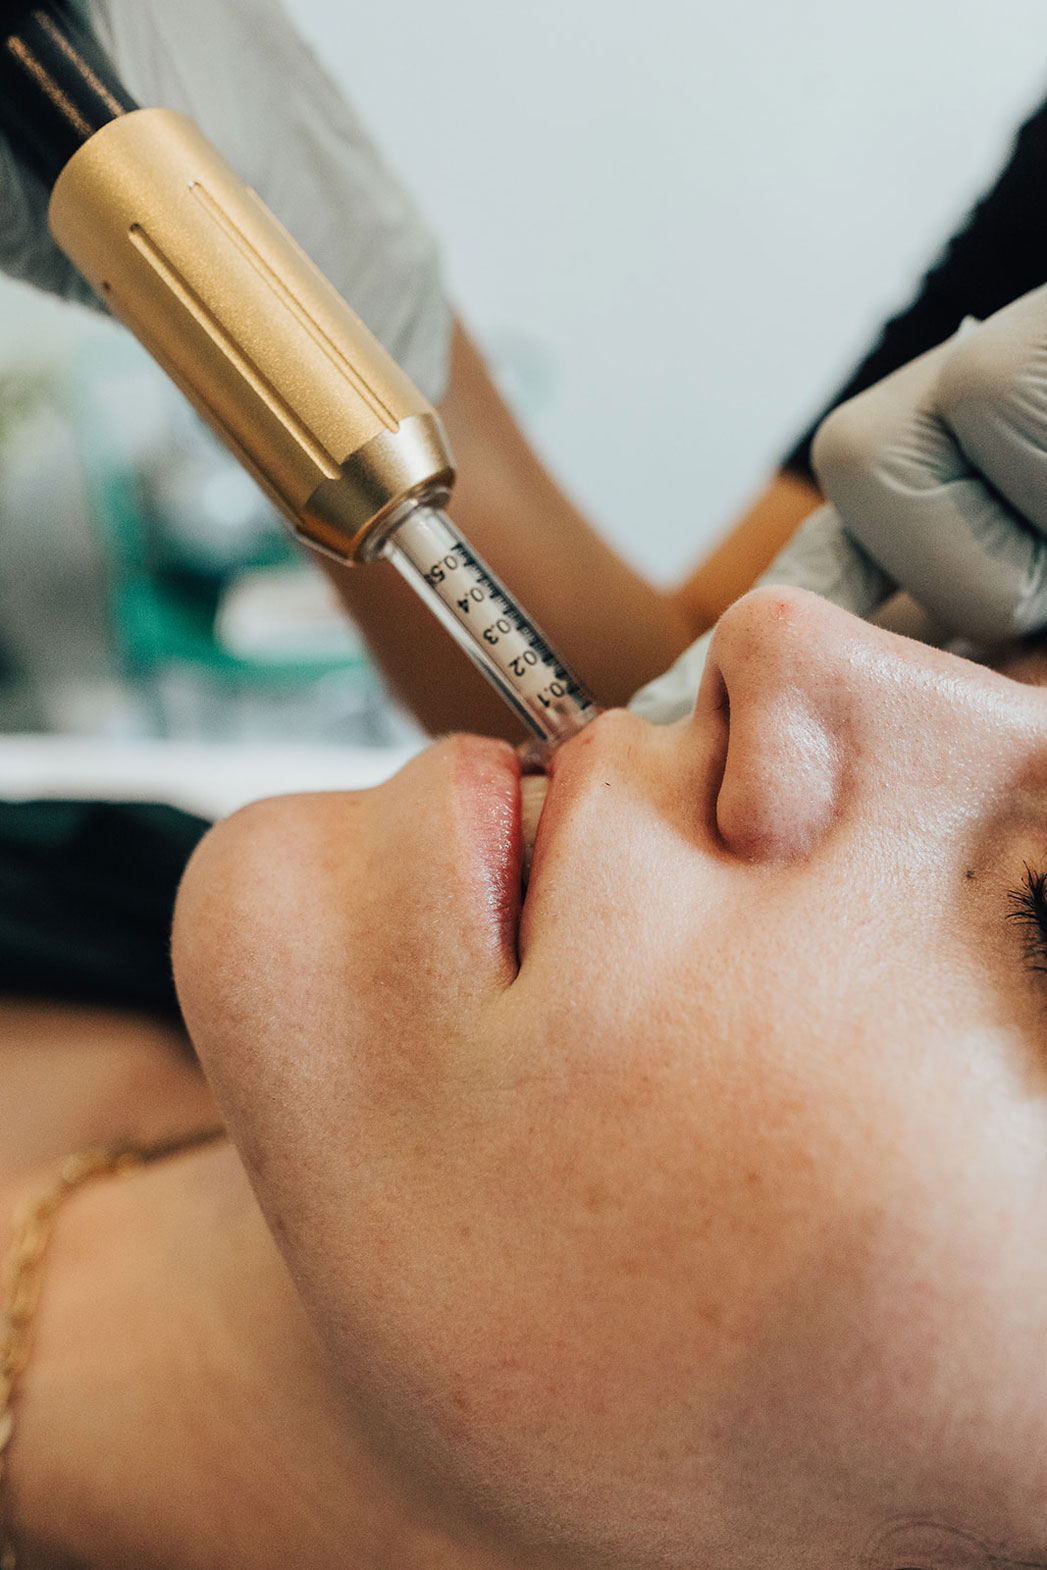 Lip-de-la-crème Mesotherapy treatment